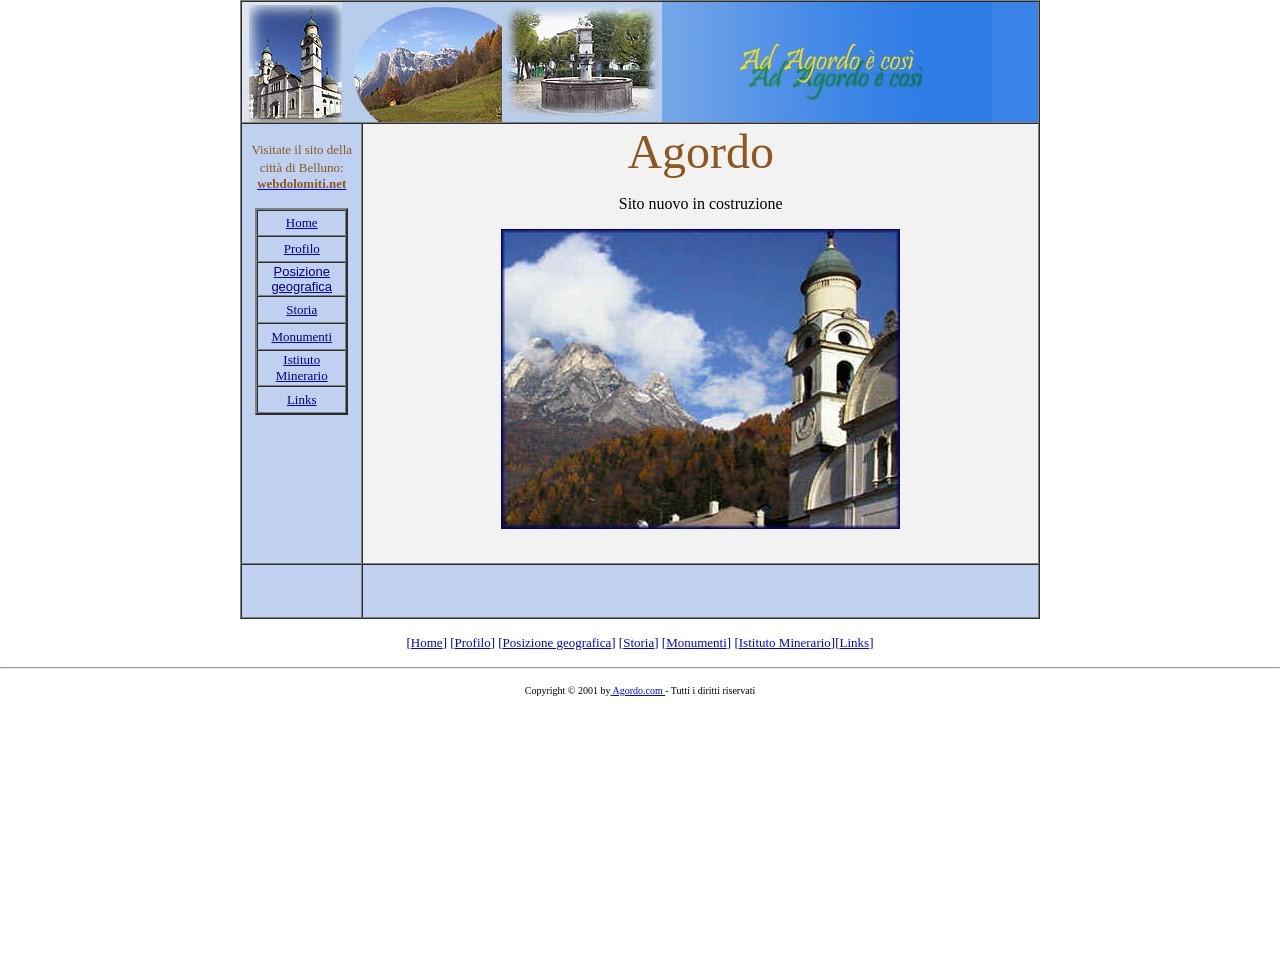 agordo.com